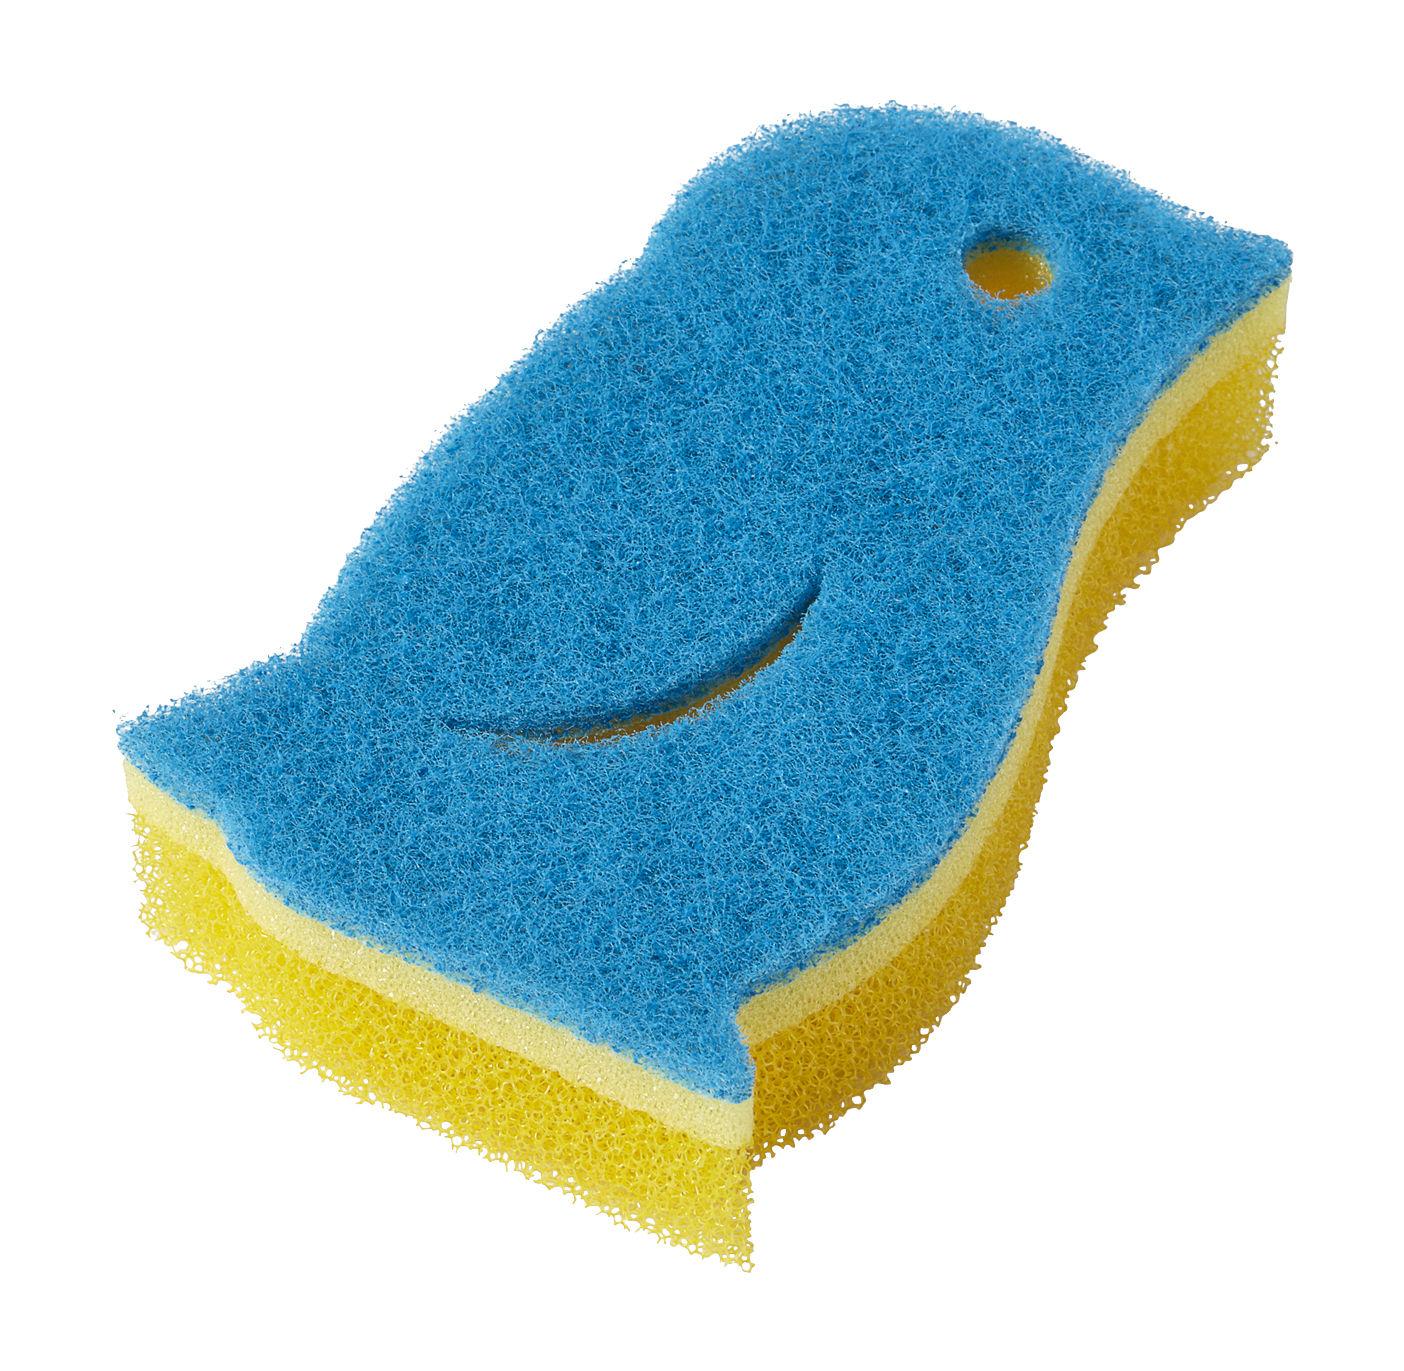 Accessoires - Accessoires salle de bains - Éponge Pingouin - Hay - Pingouin - Mousse polyuréthane